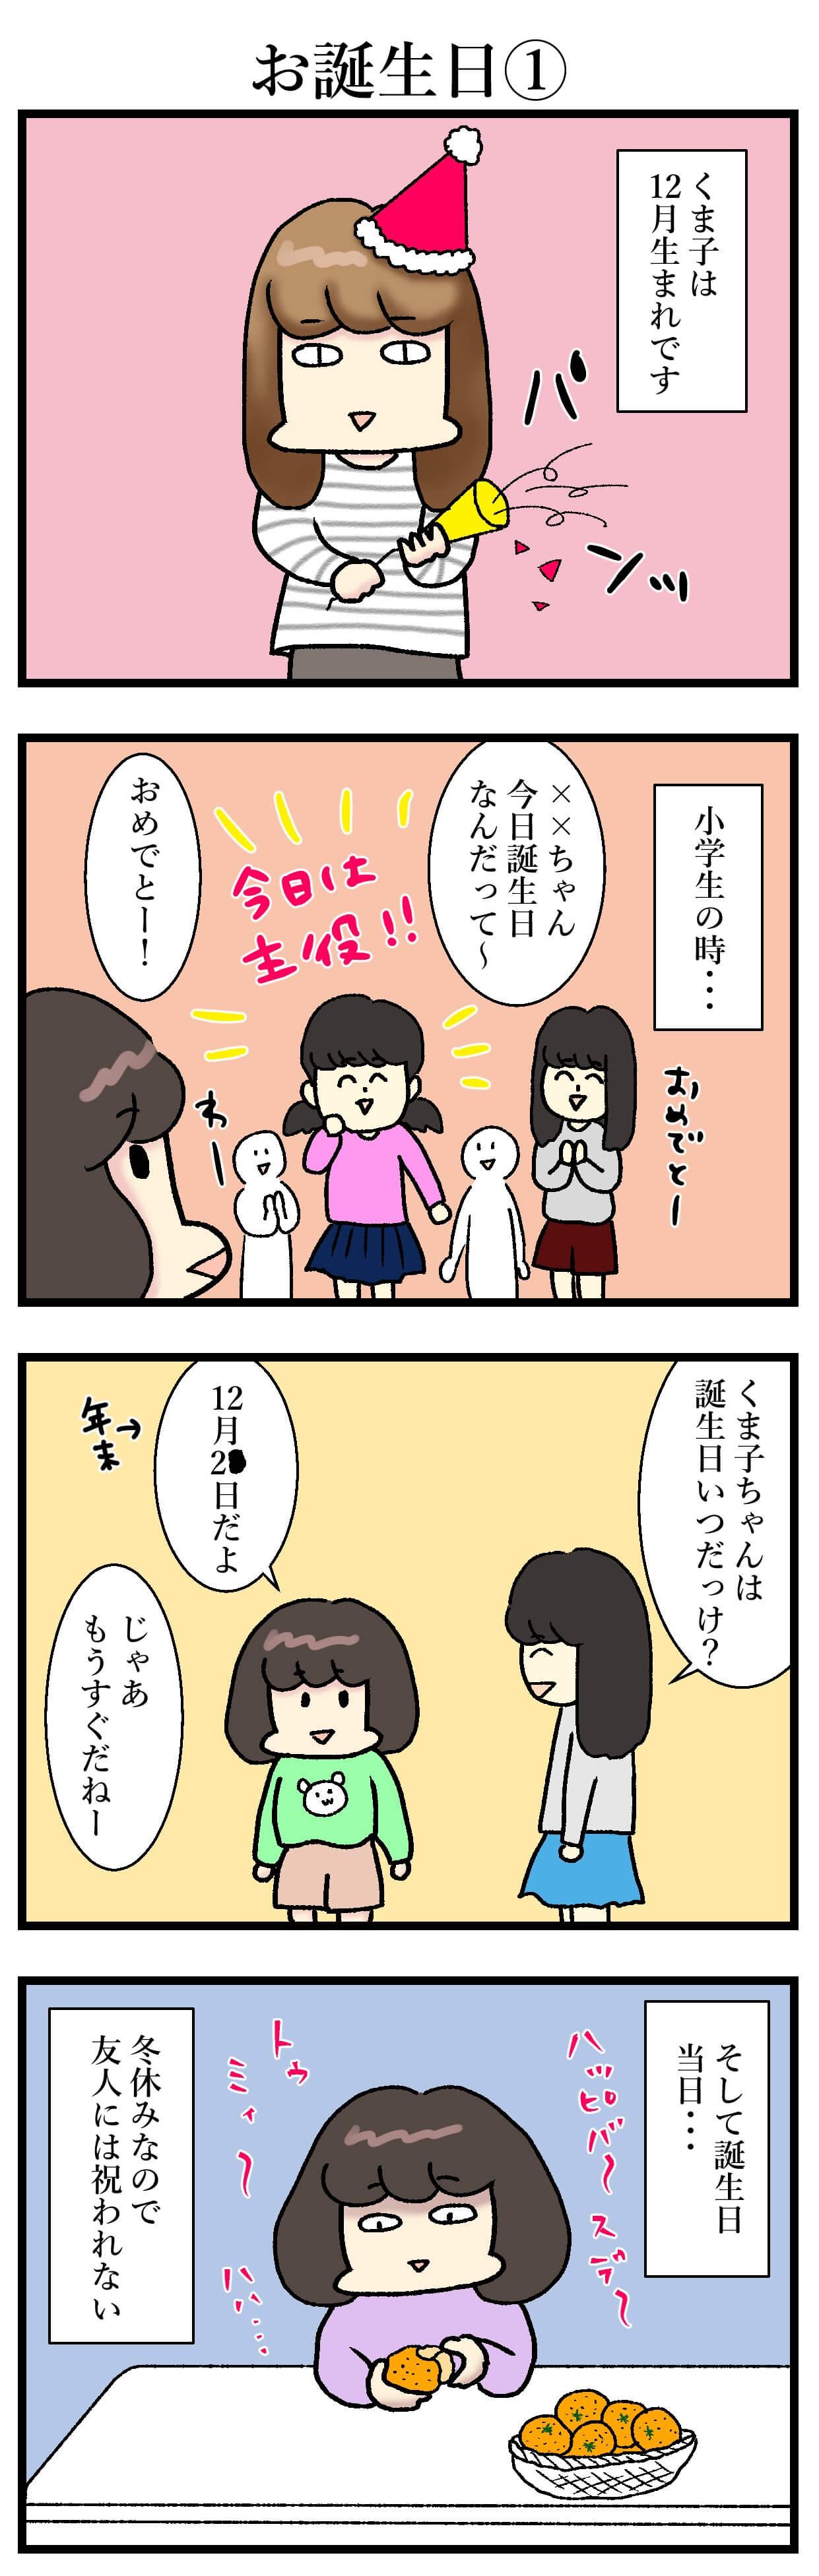 【エッセイ漫画】アラサー主婦くま子のふがいない日常(75)